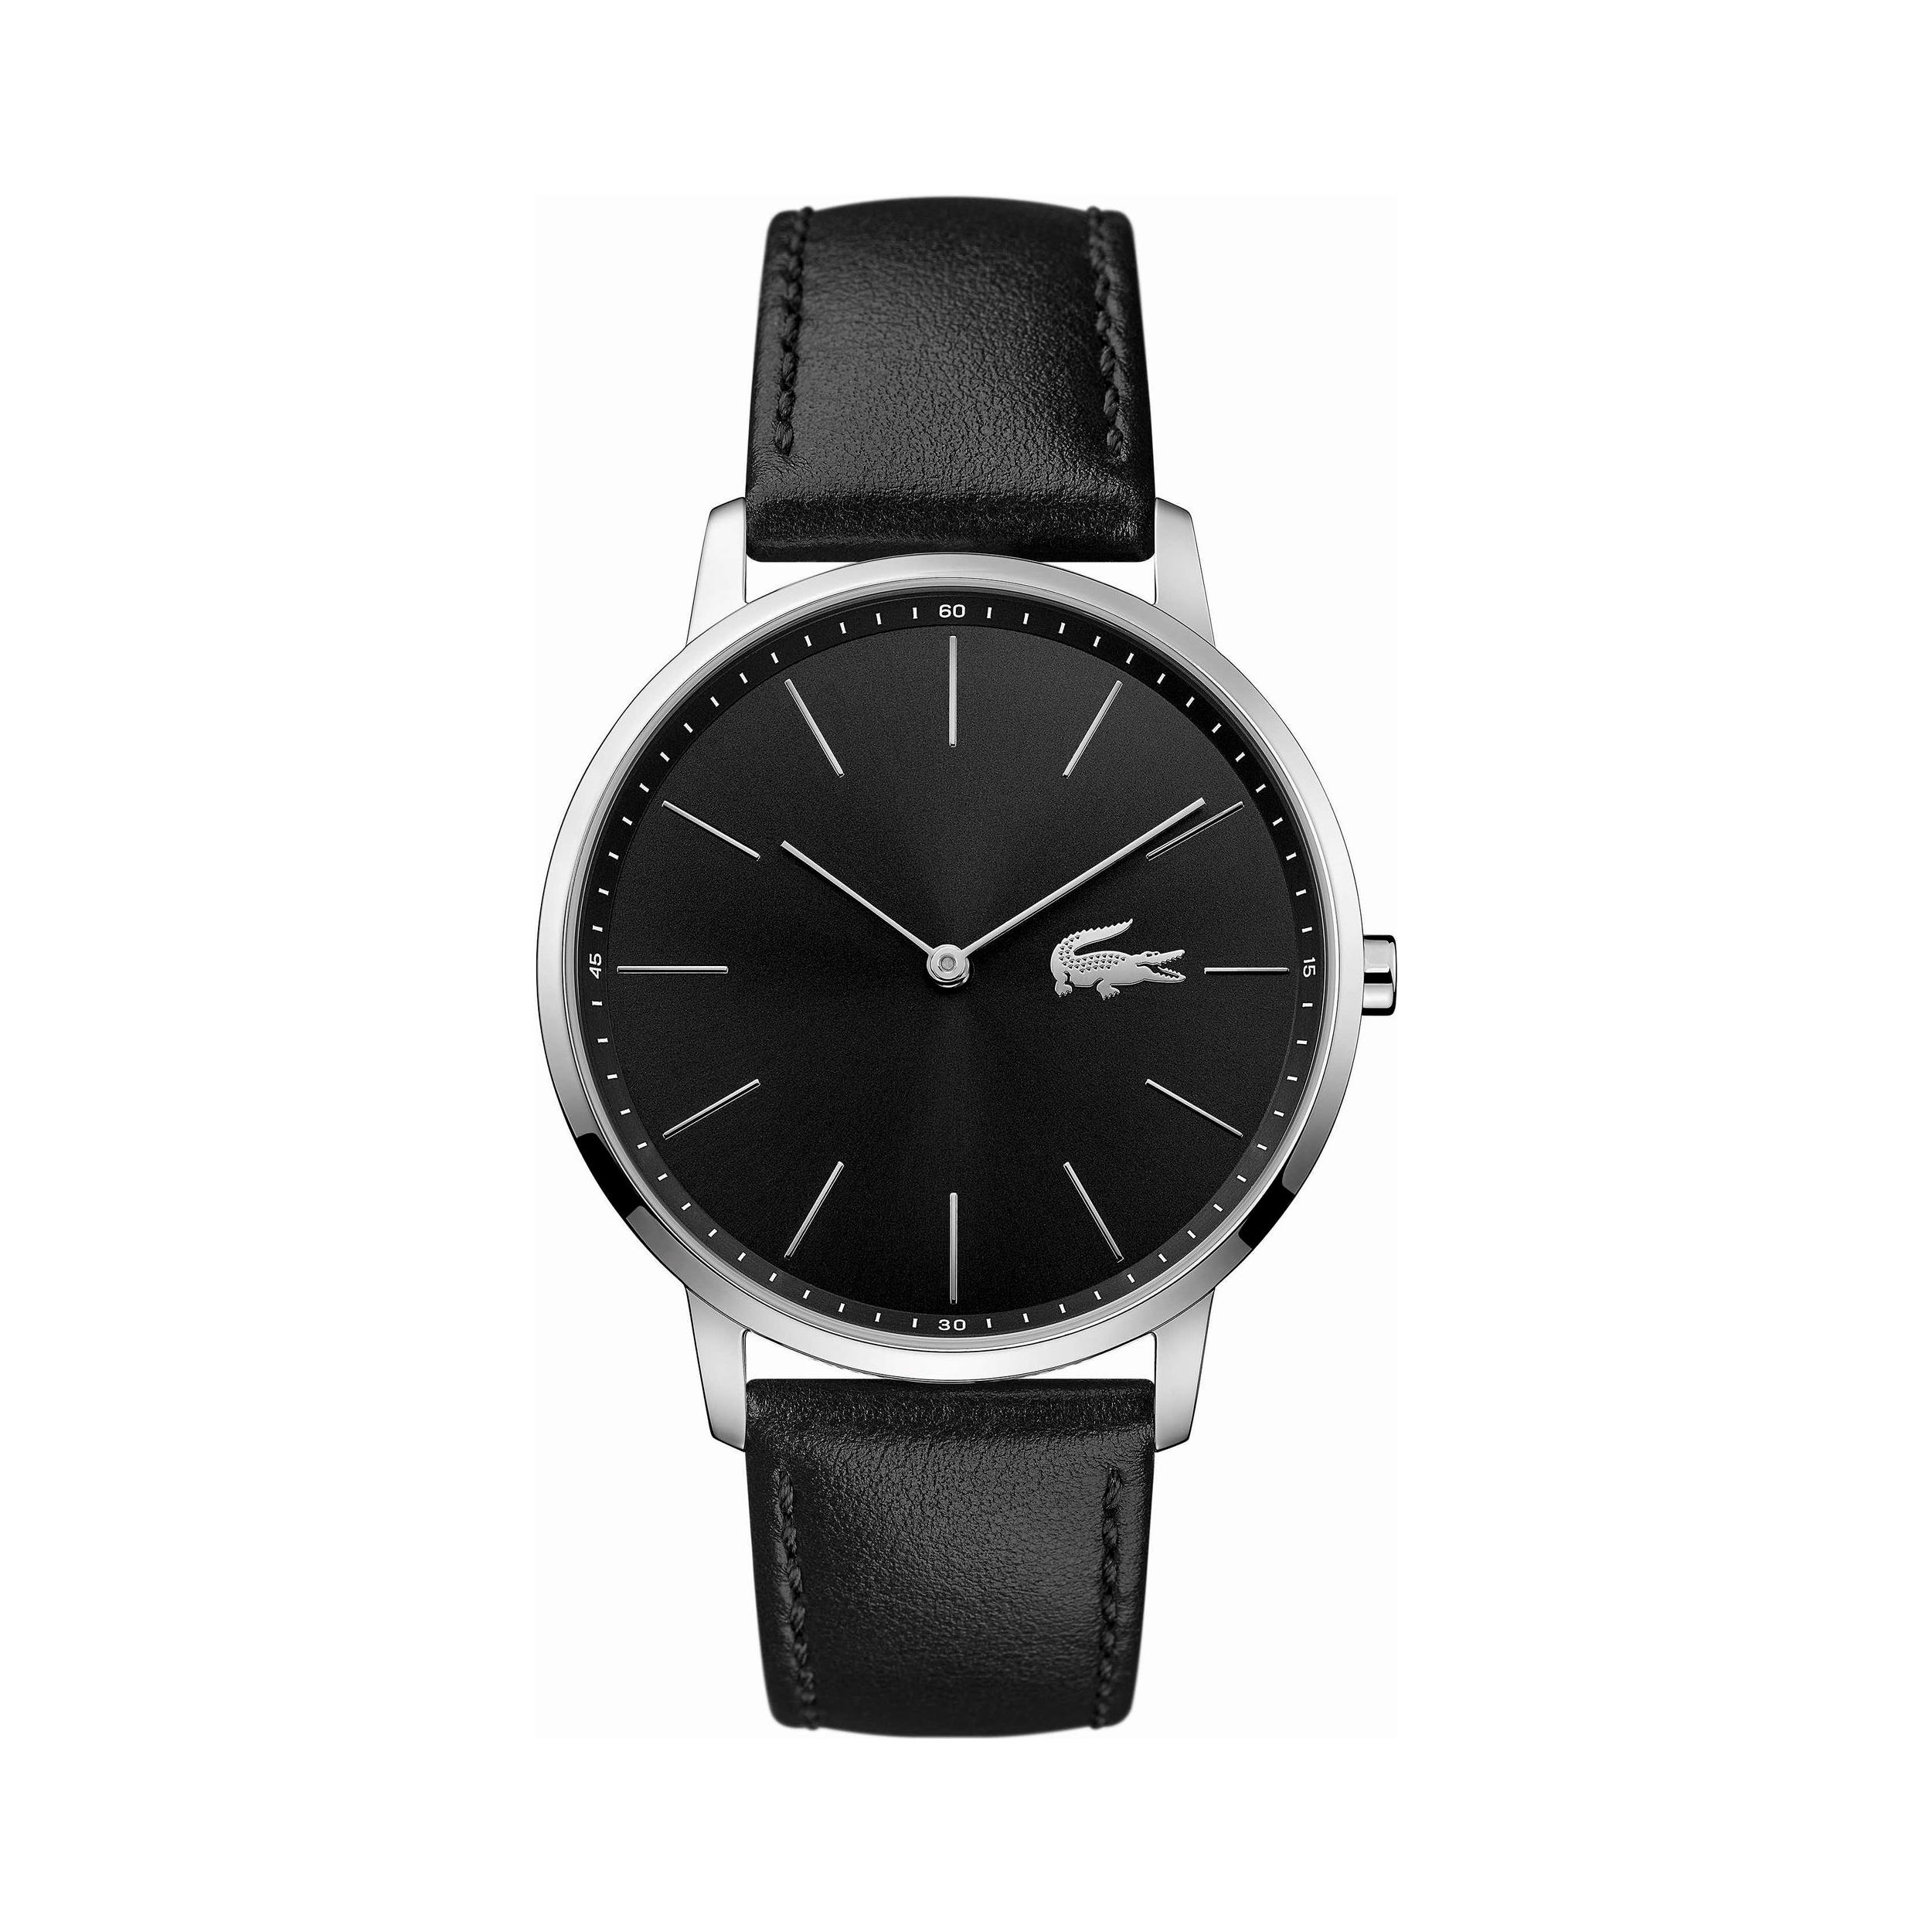 ساعت مچی عقربه ای مردانه لاگوست مدل 2011016              خرید (⭐️⭐️⭐️)